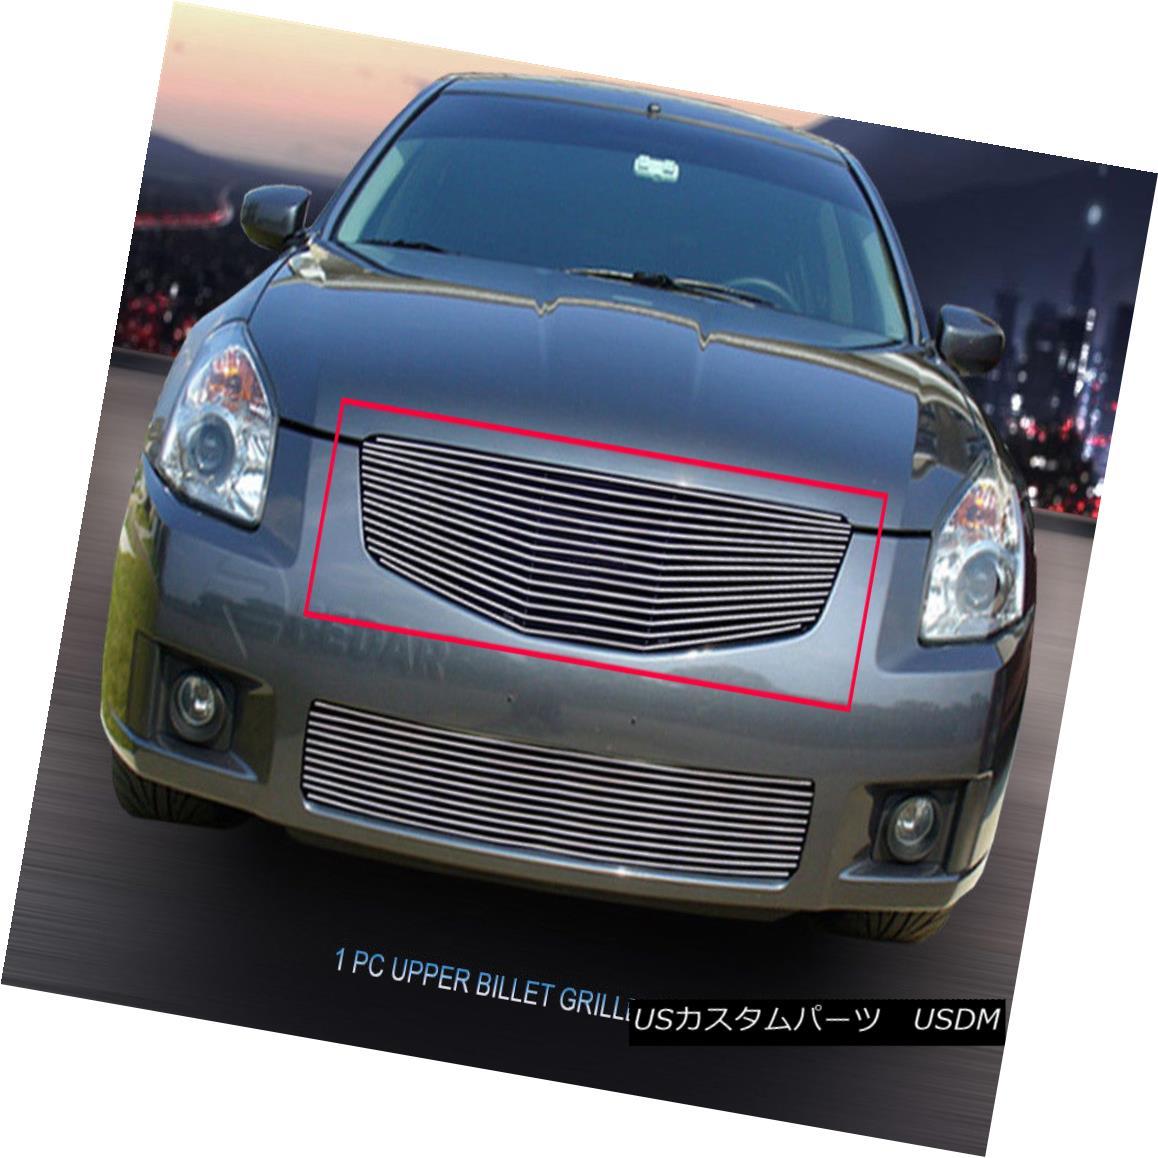 グリル Fedar Fits 2007-2008 Nissan Maxima Polished Main Upper Billet Grille Fedarは2007 - 2008年をフィットさせる日産マキシマはメインアッパービレットグリルを研磨した